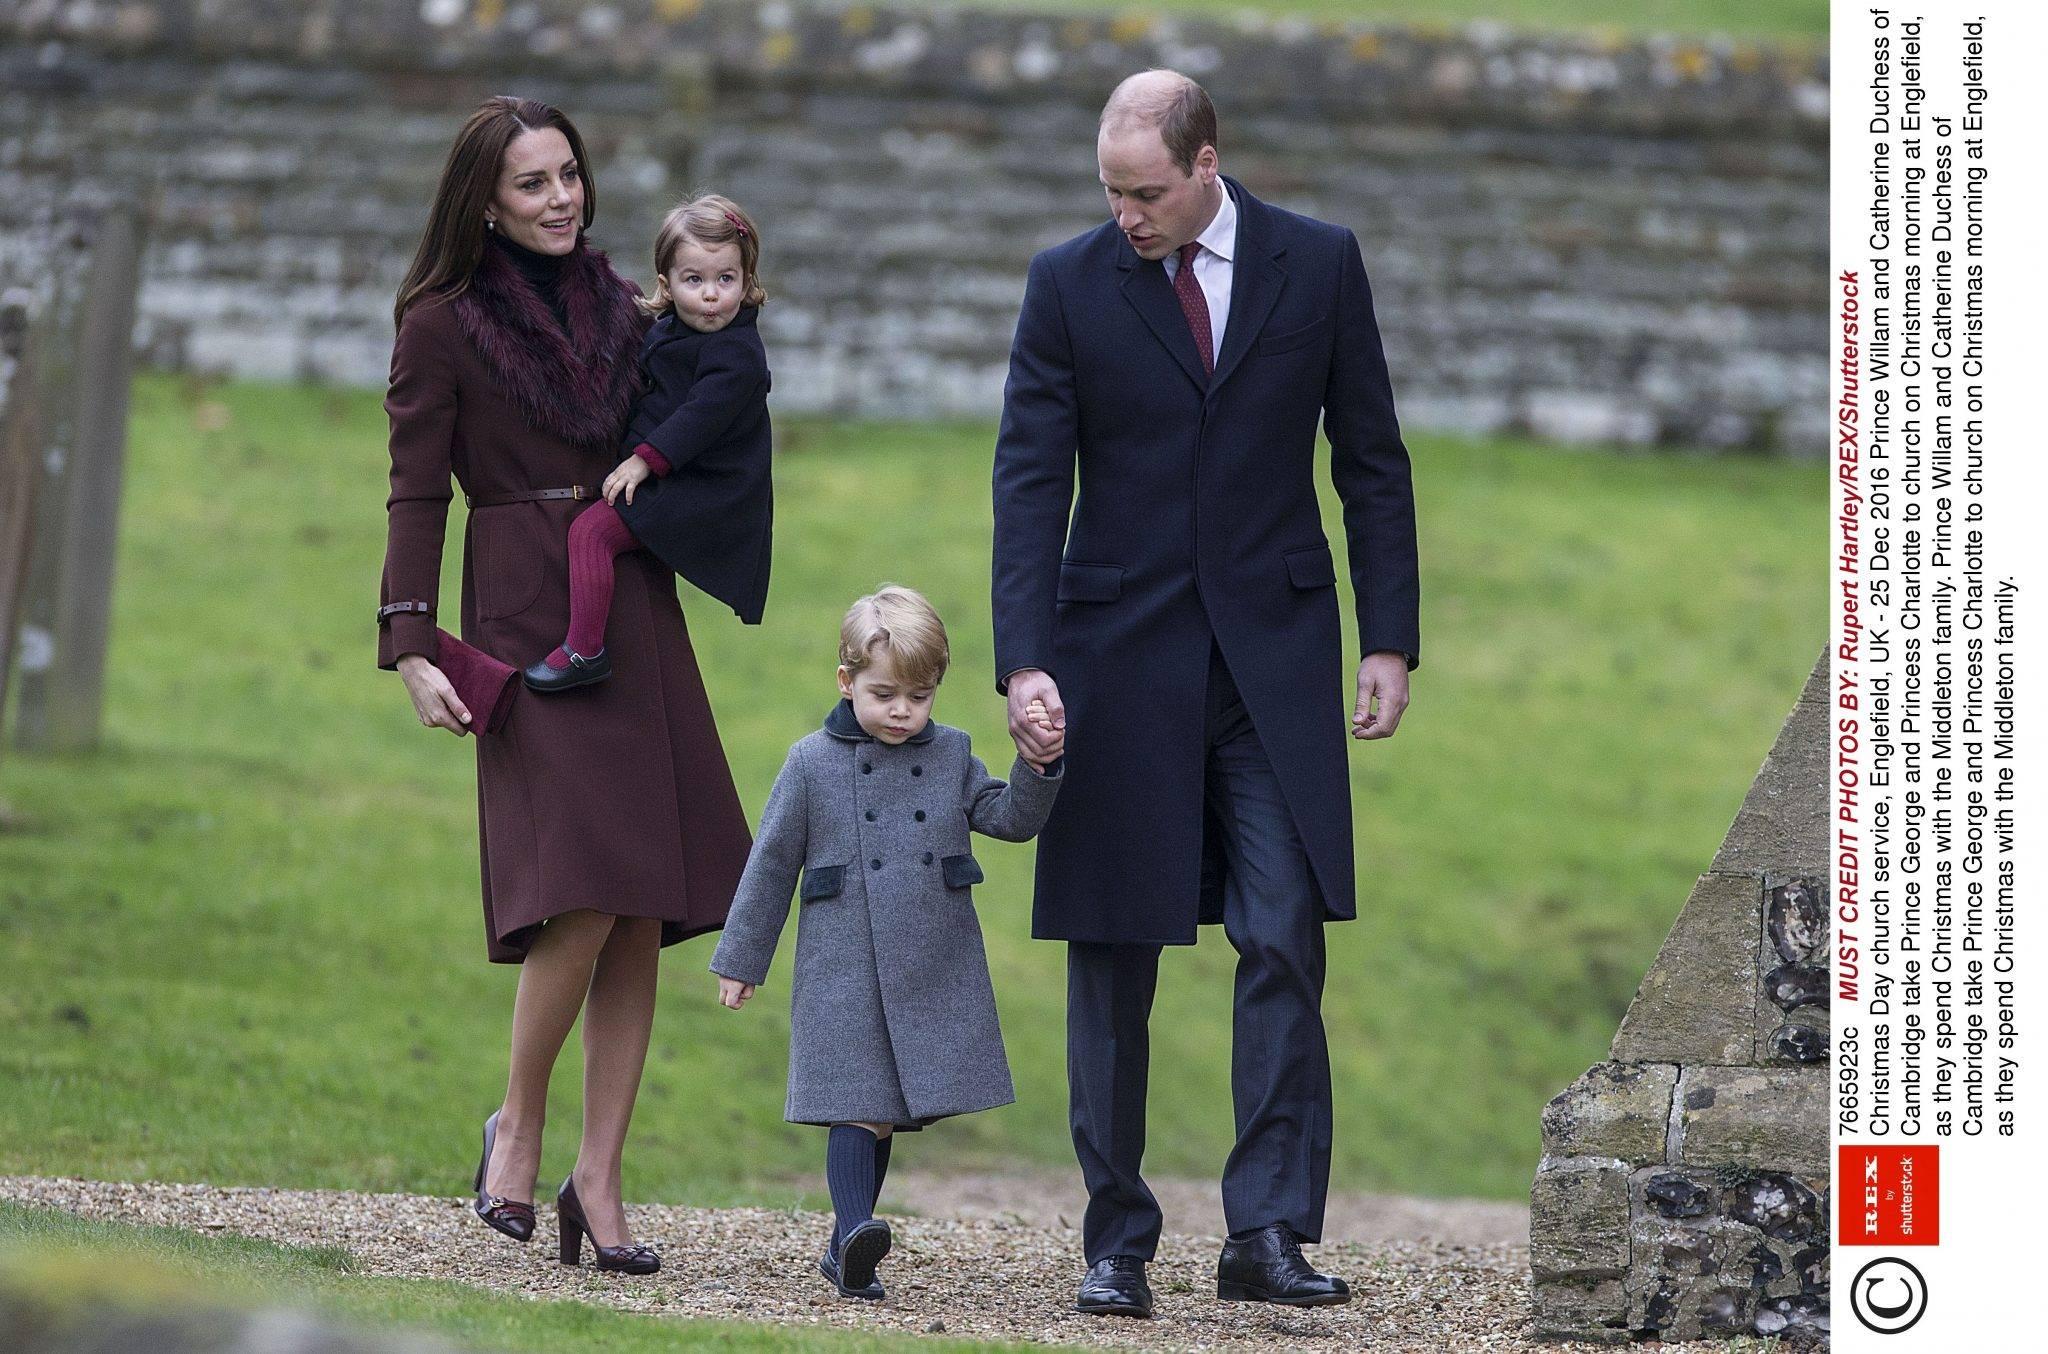 Księżna Kate jakich porad udziela na forum?